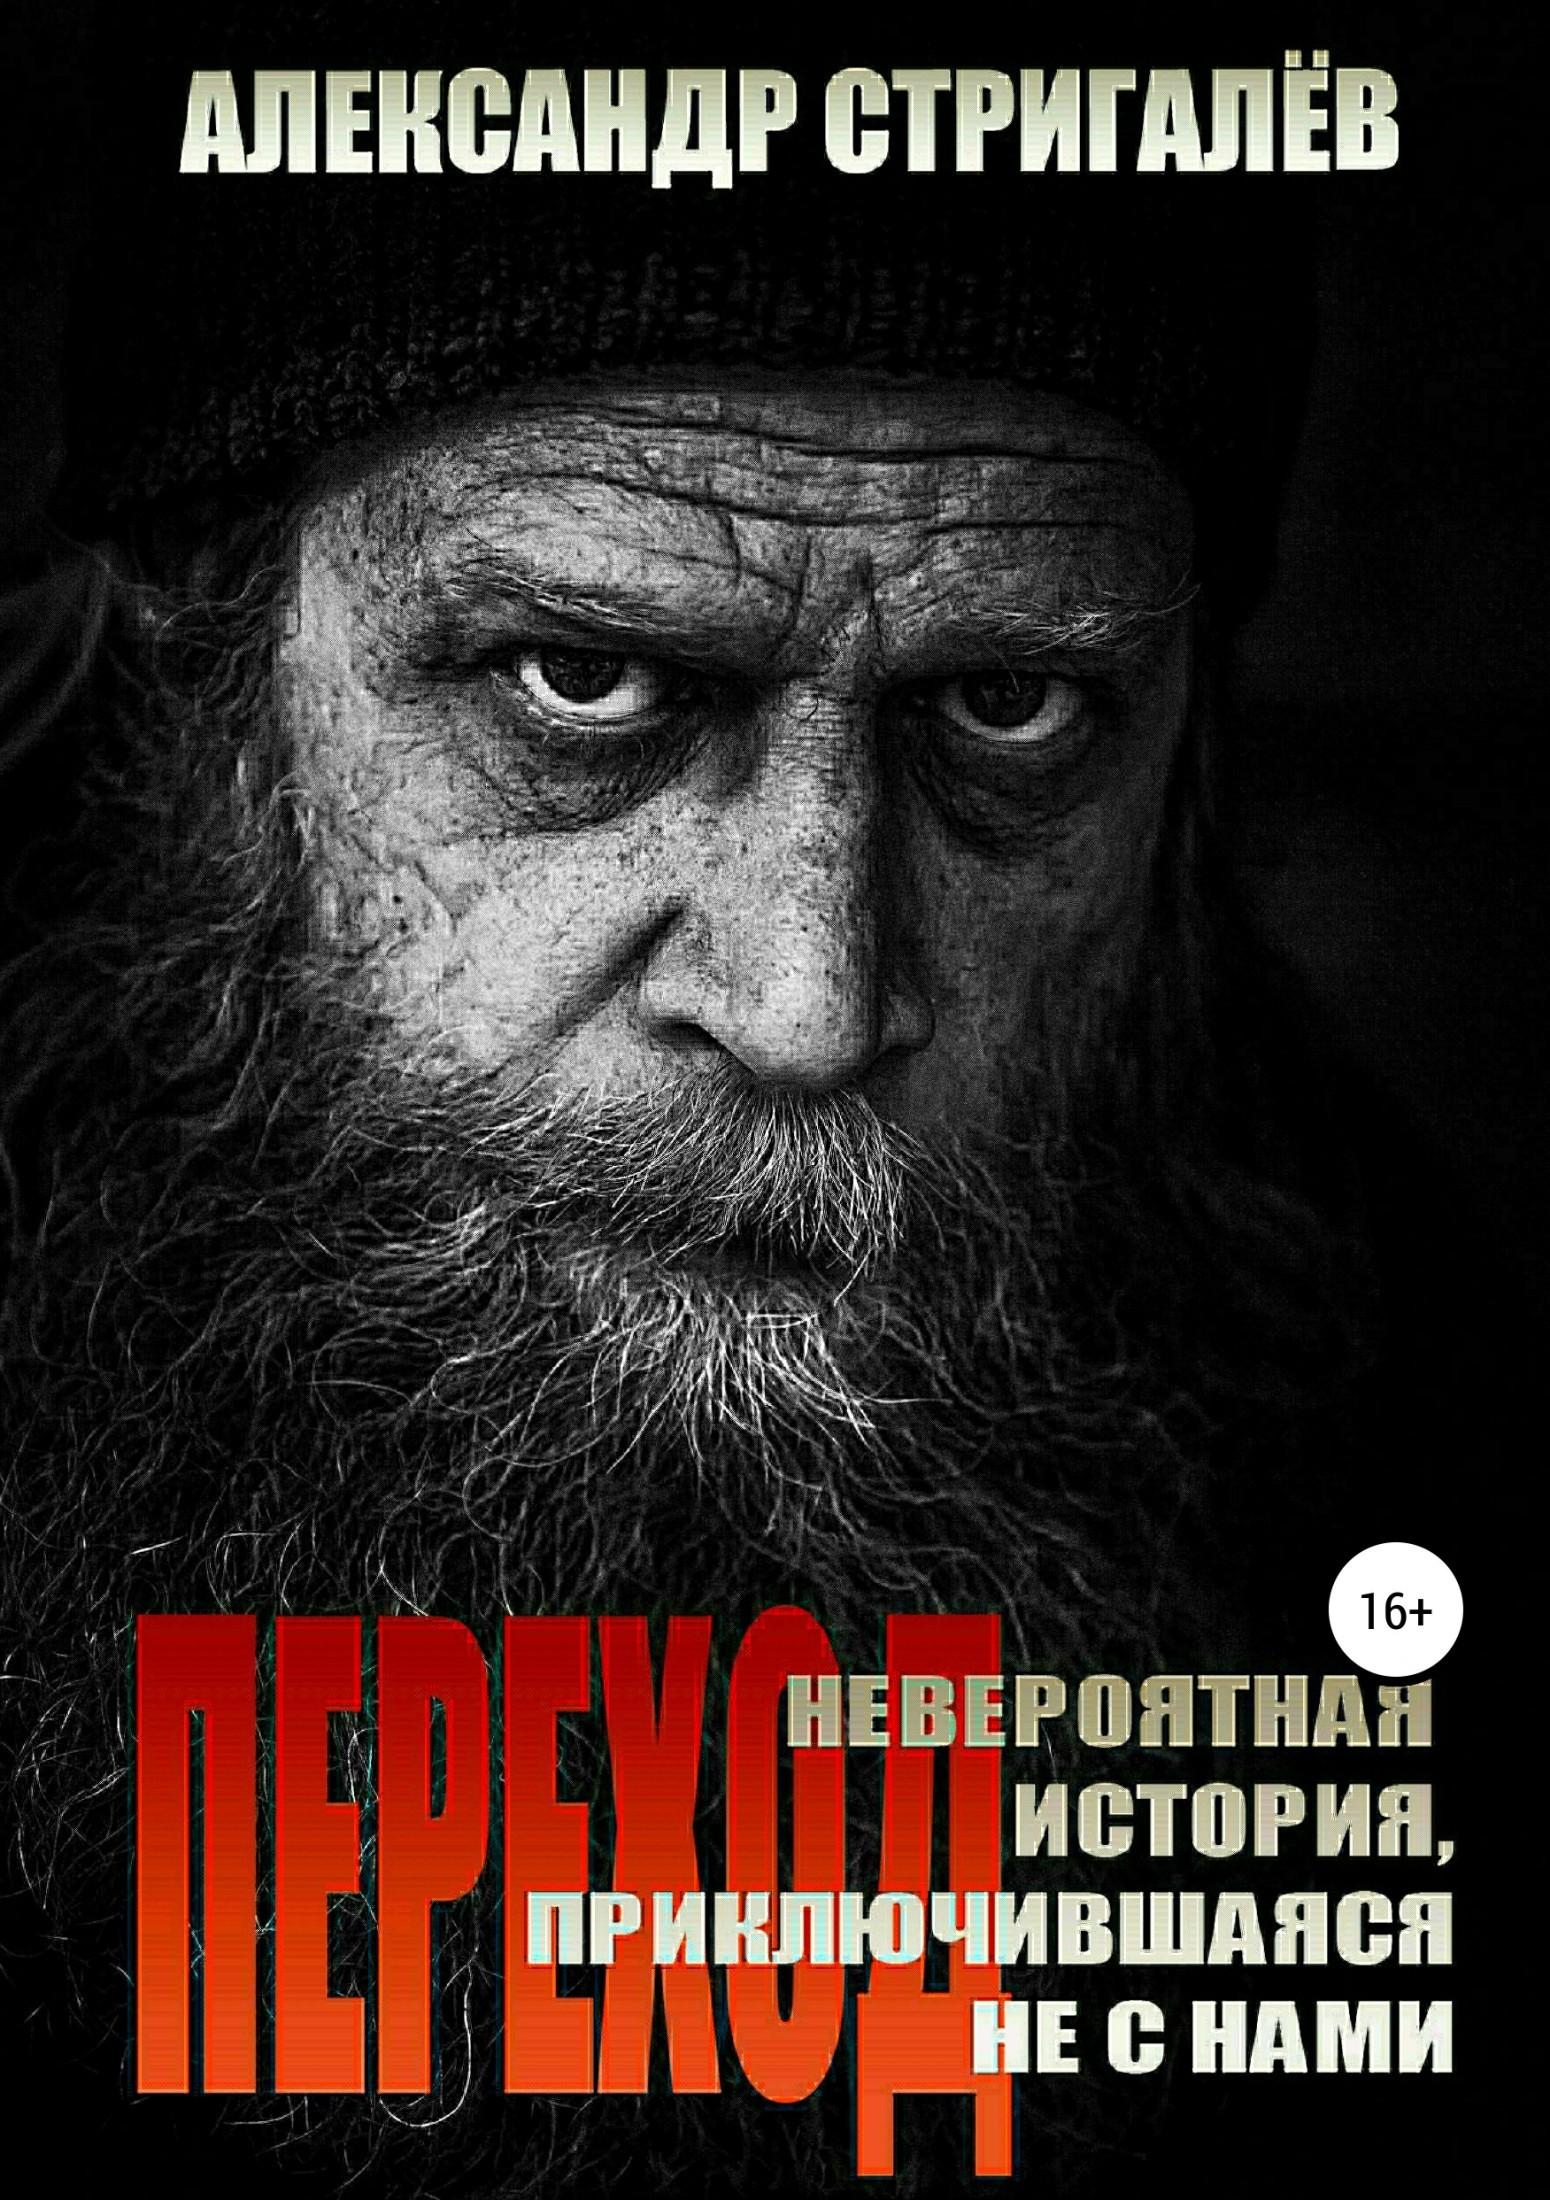 Александр Стригалёв - Переход. Невероятная история, приключившаяся не с нами